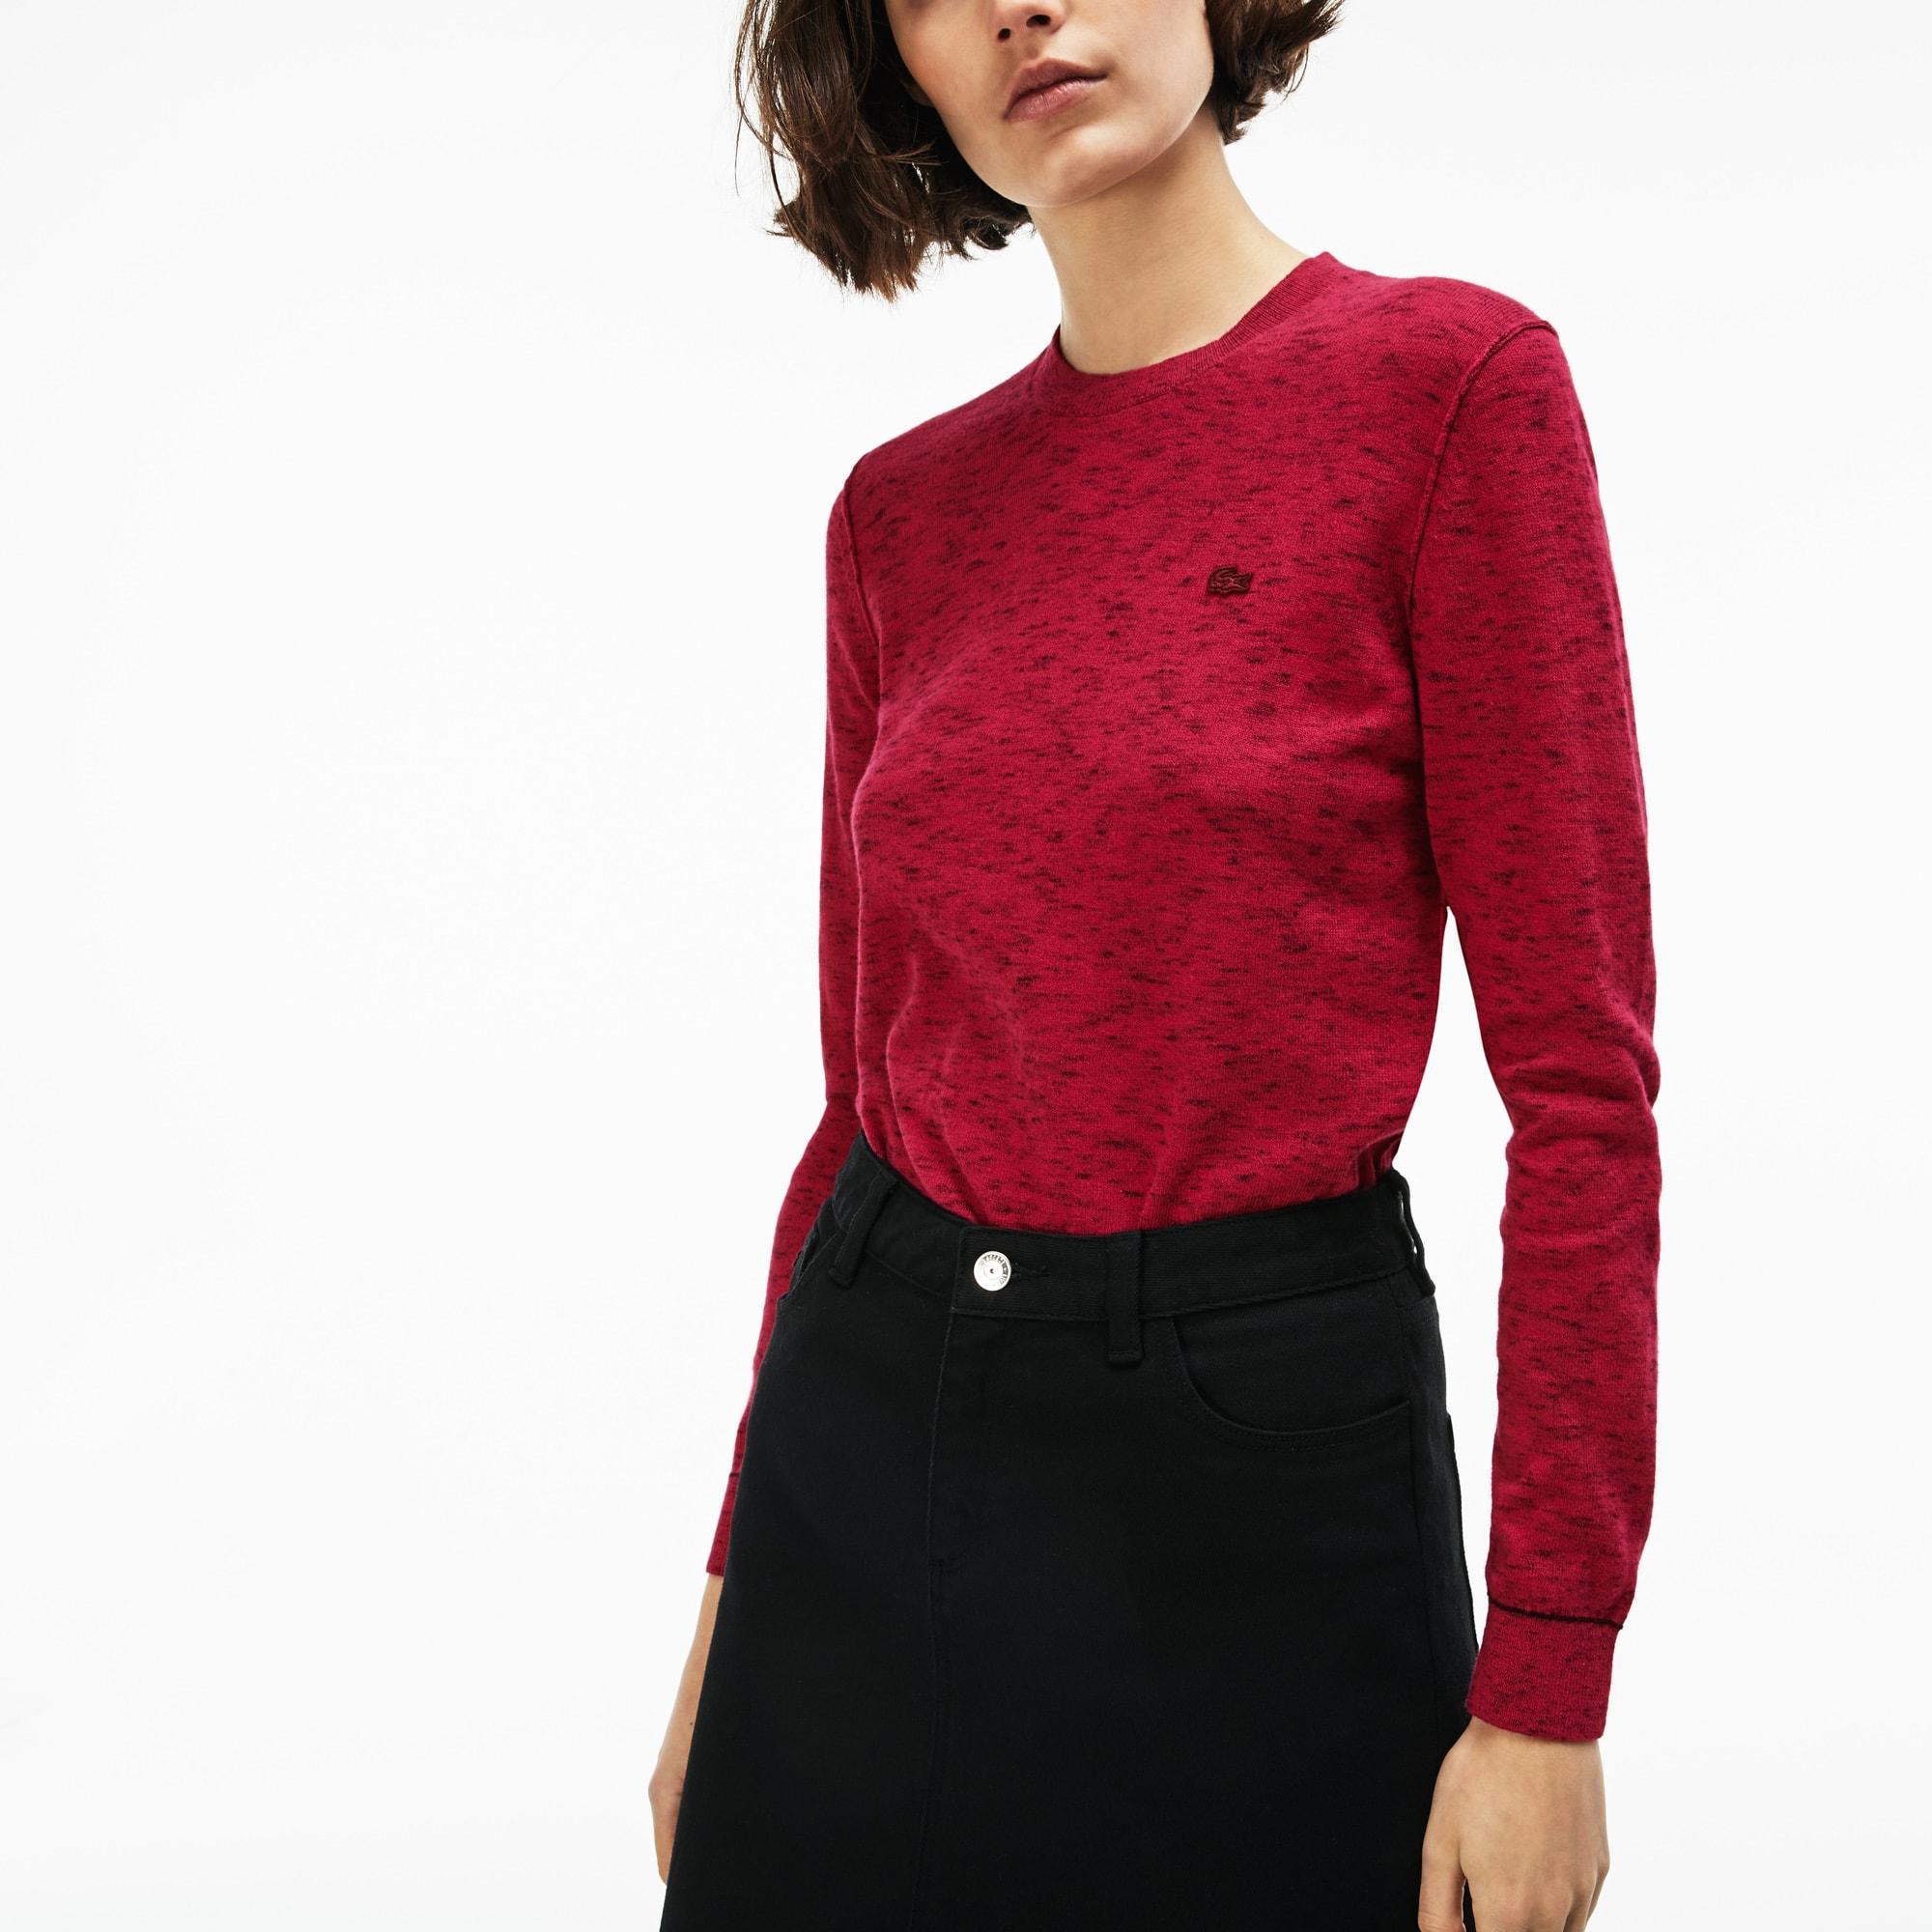 Damen LACOSTE L!VE Pullover aus Baumwoll- und Cashmere-Jersey